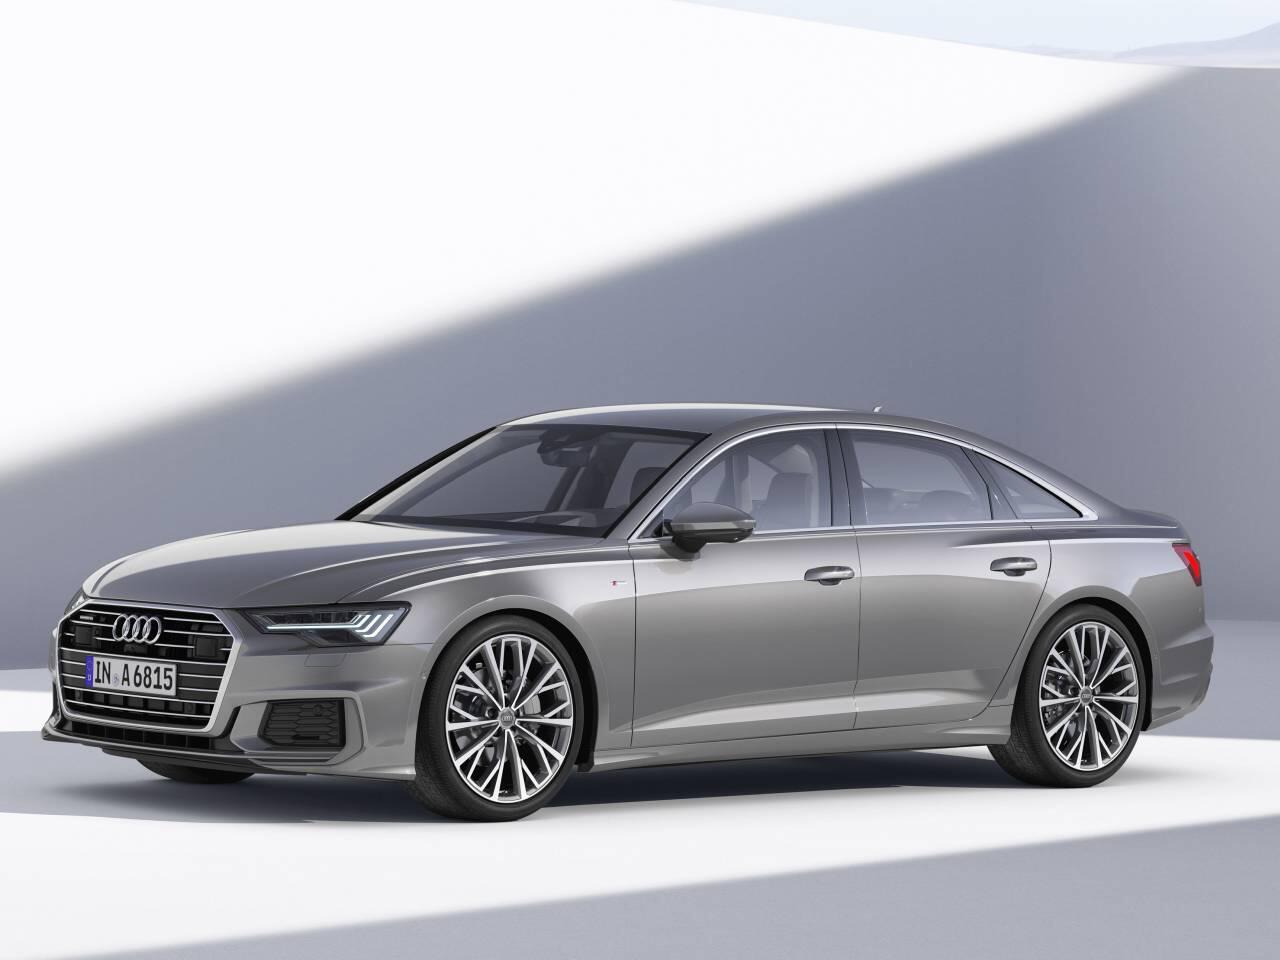 Bild zu Audi A6 (C7) seit 2010